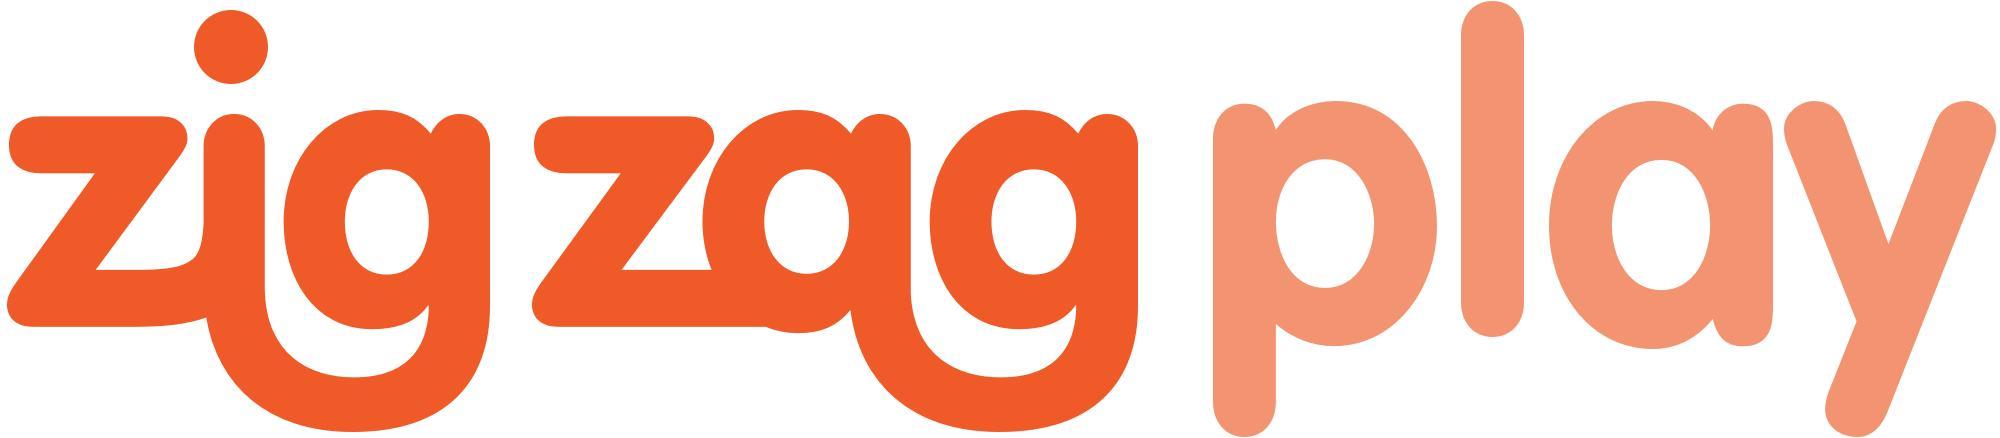 Logotipo Zig Zag